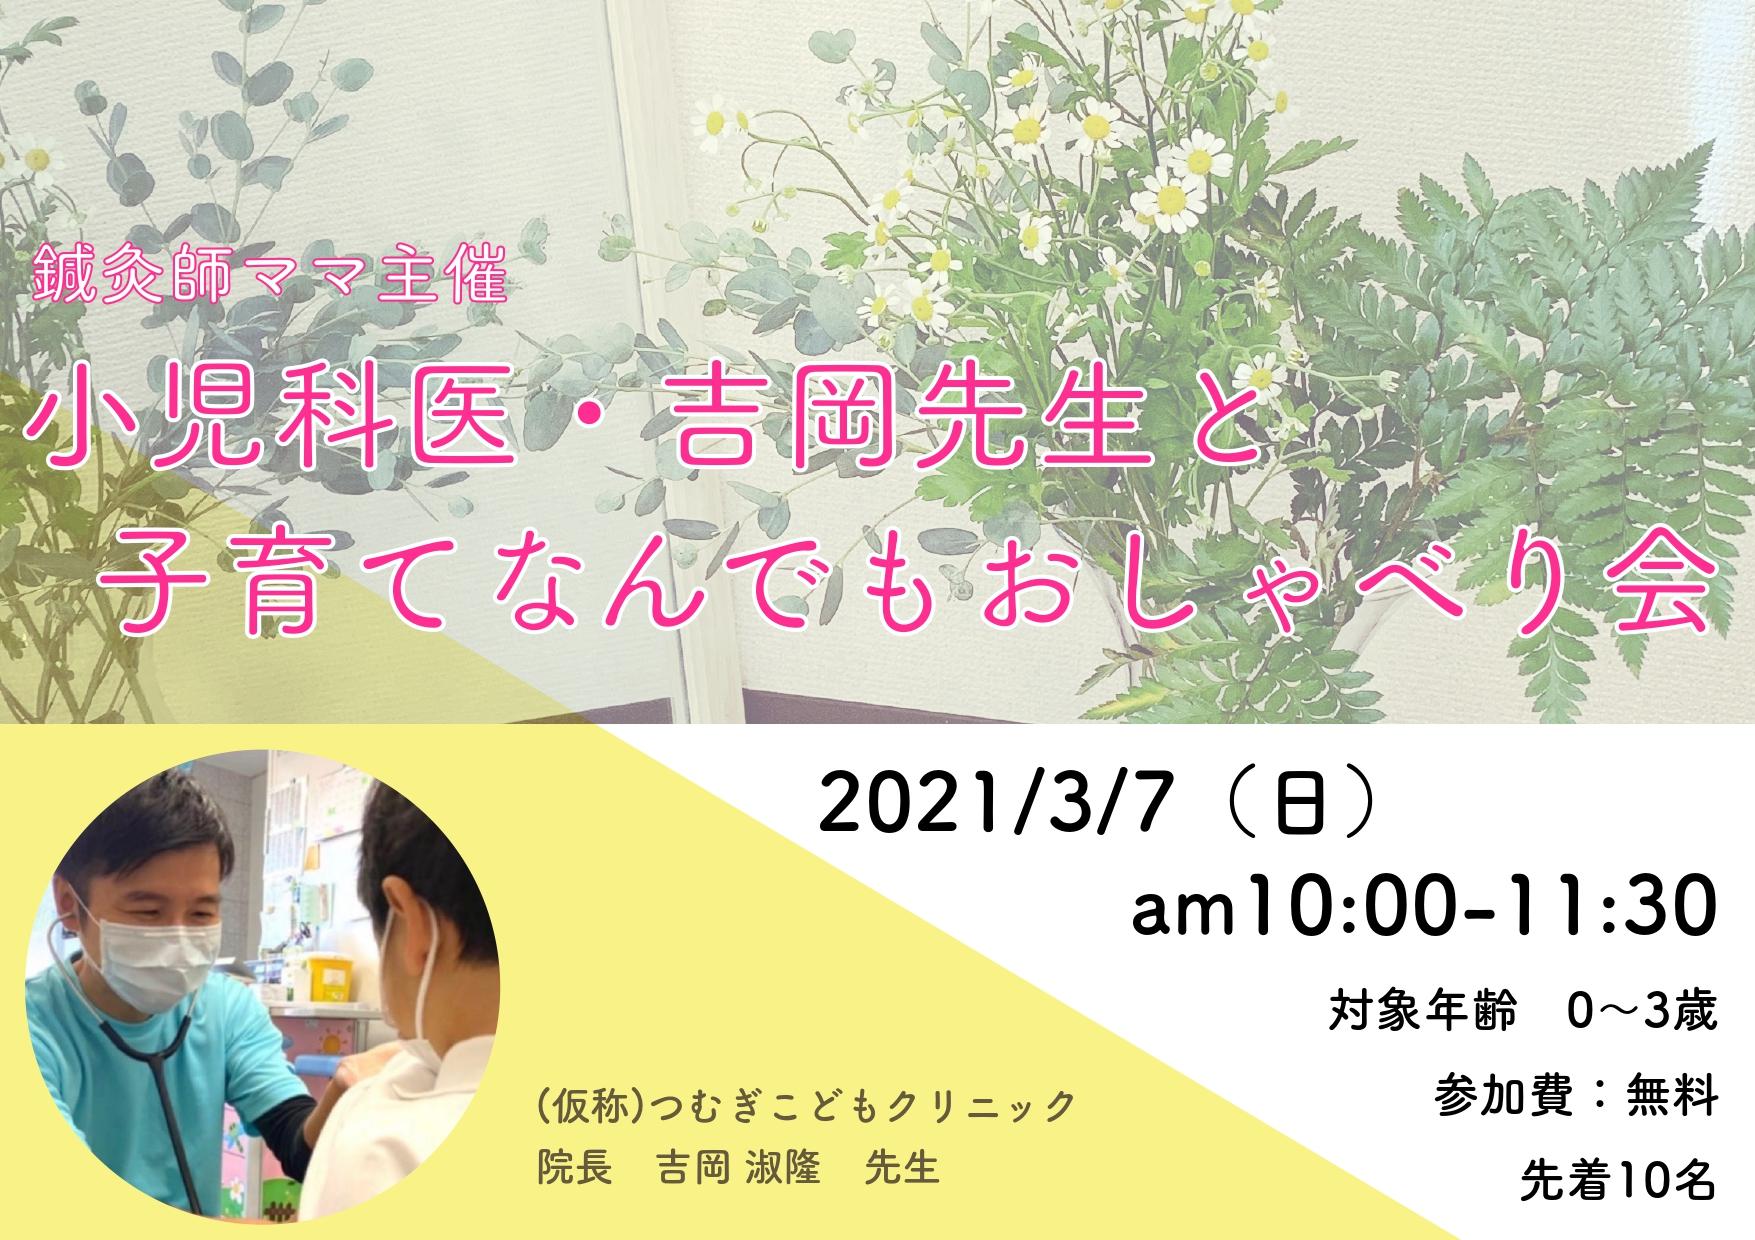 小児科医 吉岡先生と子育てなんでもおしゃべり会オンライン開催